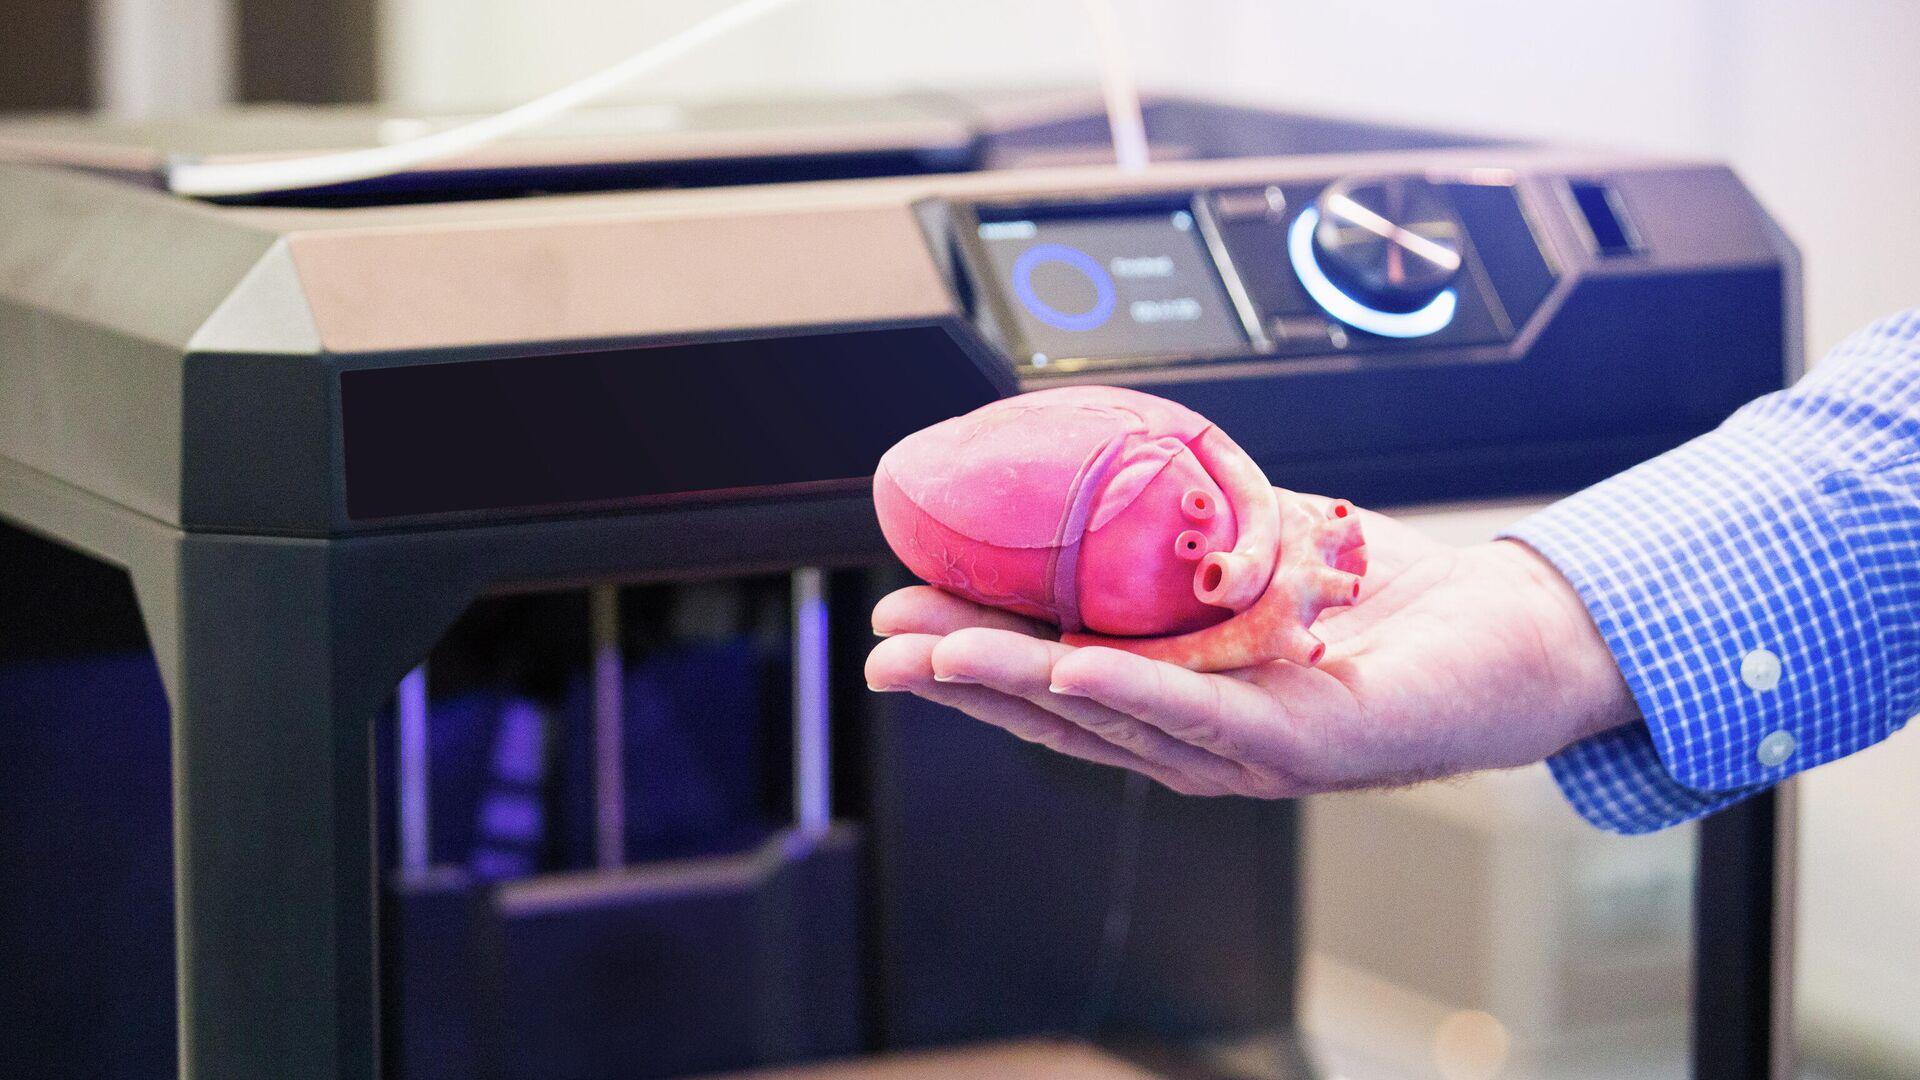 Сердце напечатанное на 3D-принтере - РИА Новости, 1920, 18.02.2020